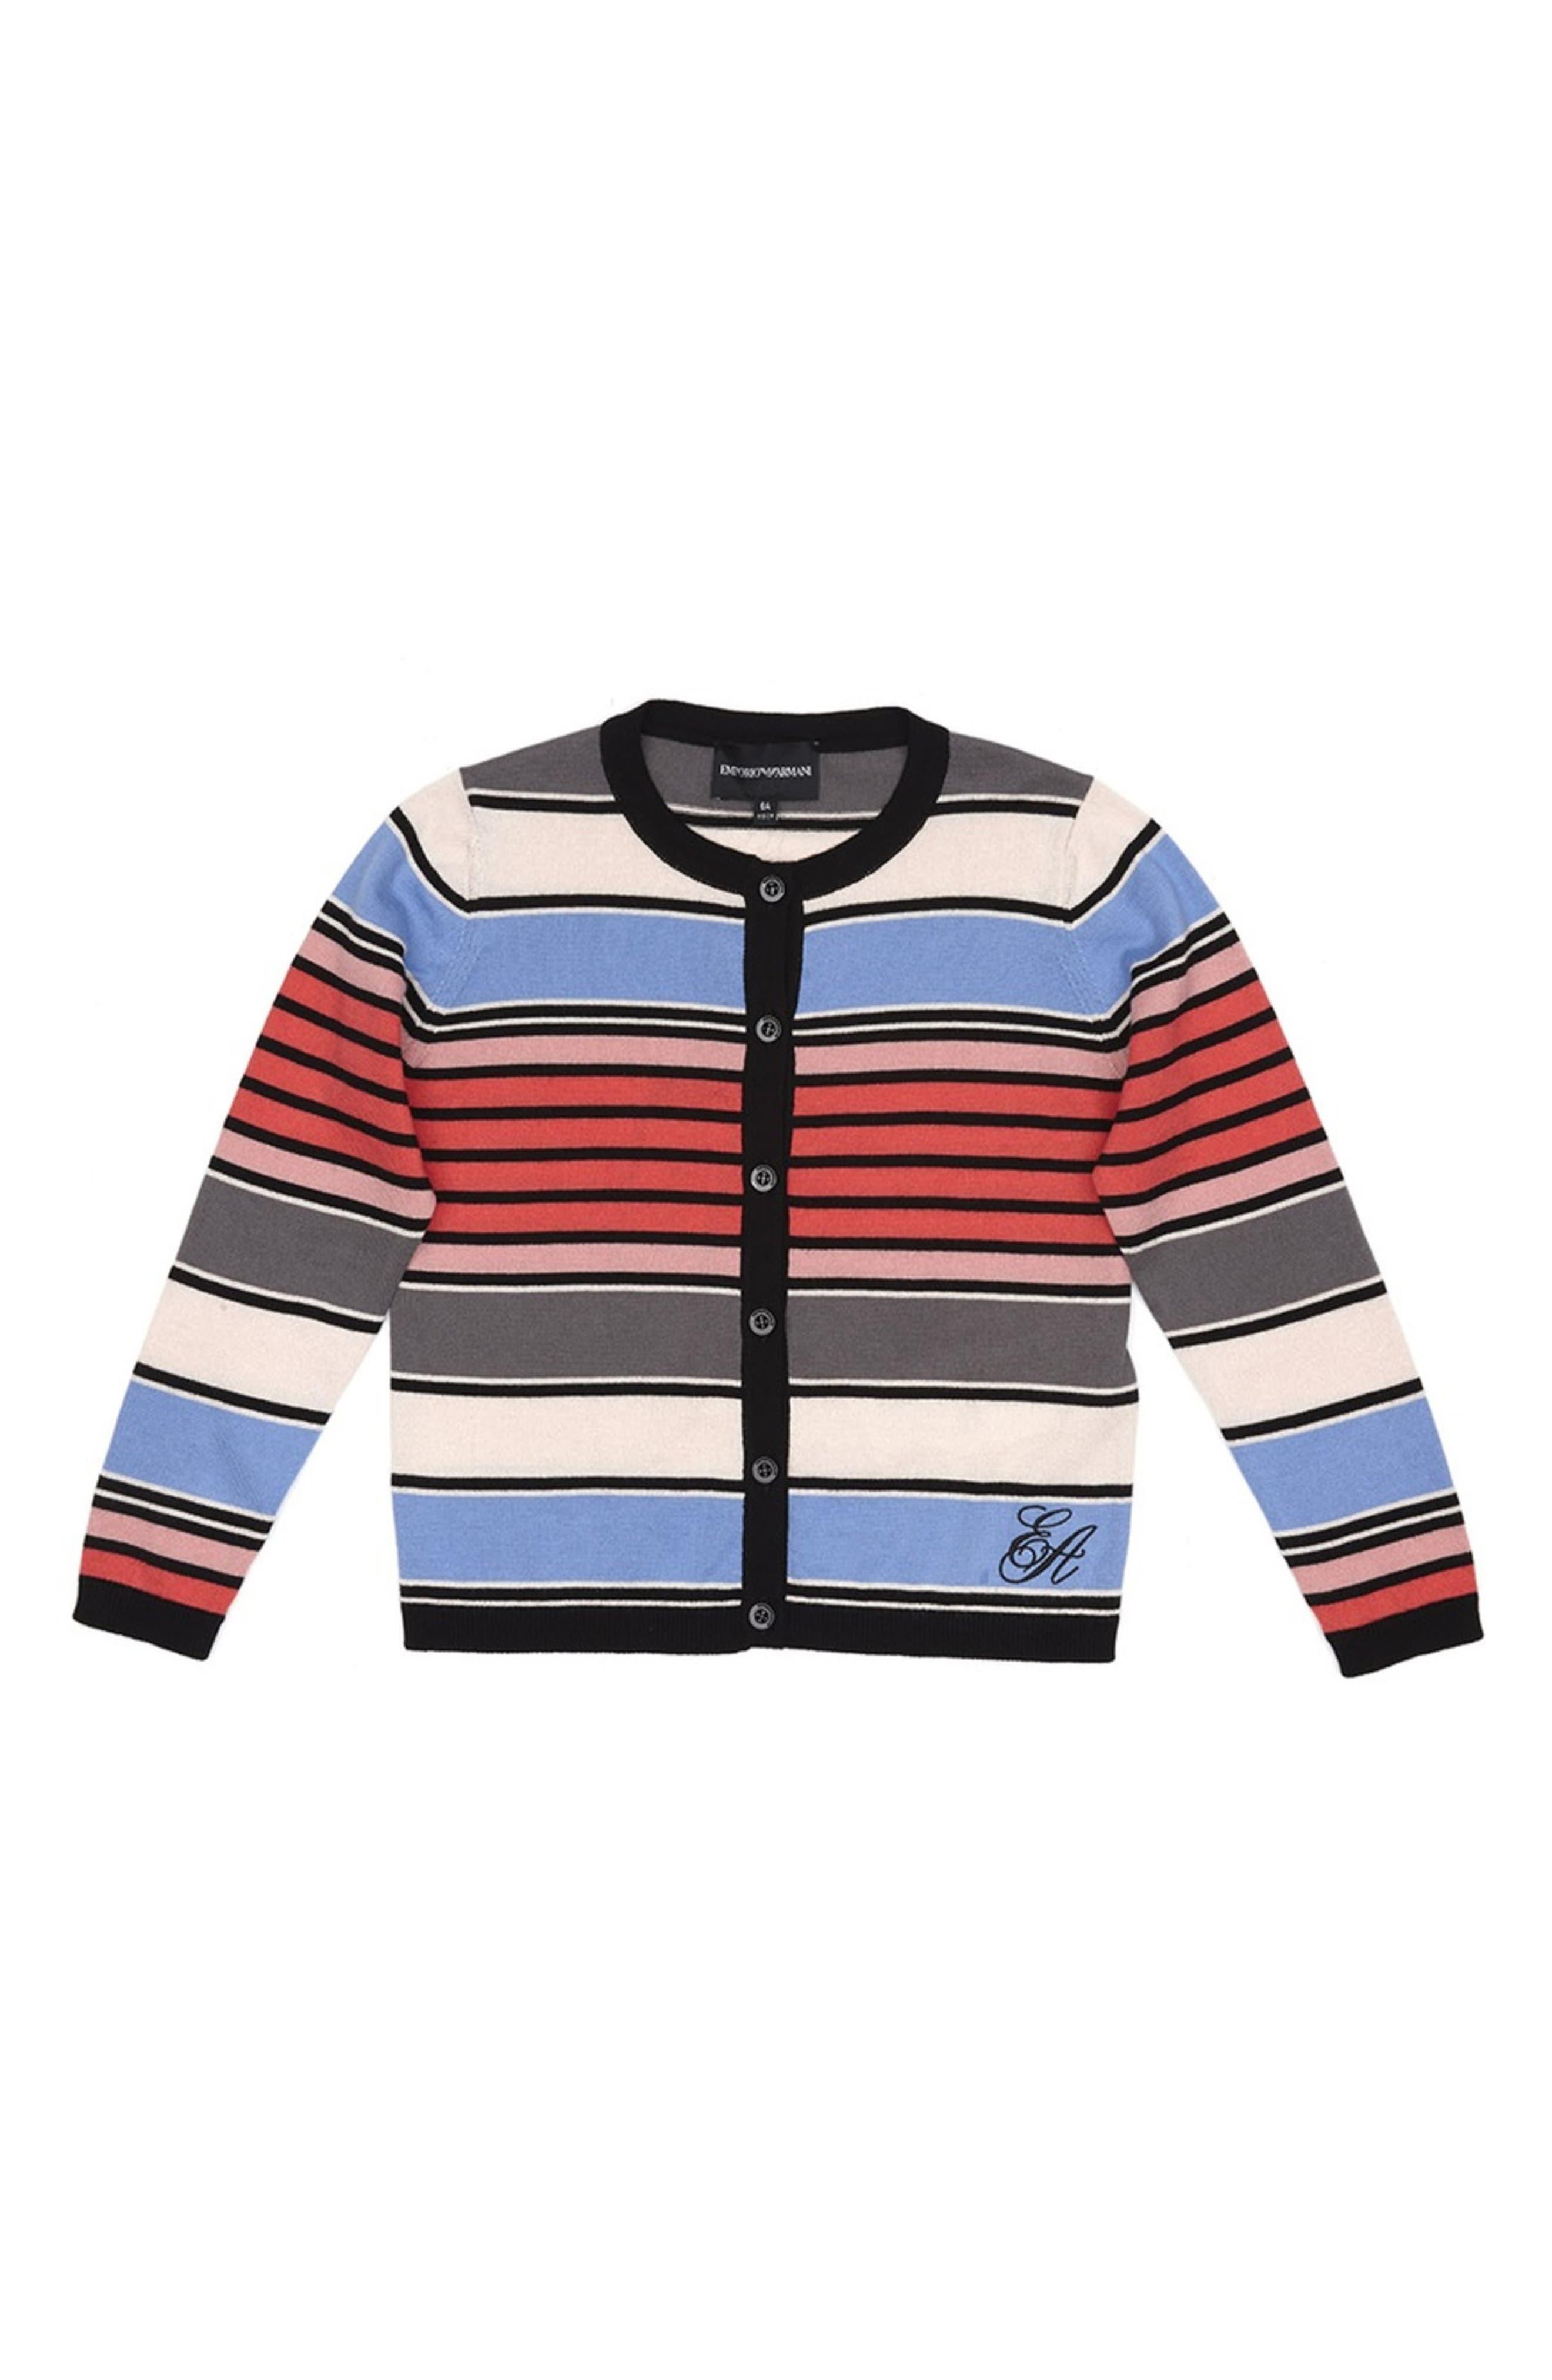 Girls Armani Junior Stripe Cardigan Size 10Y  Blue